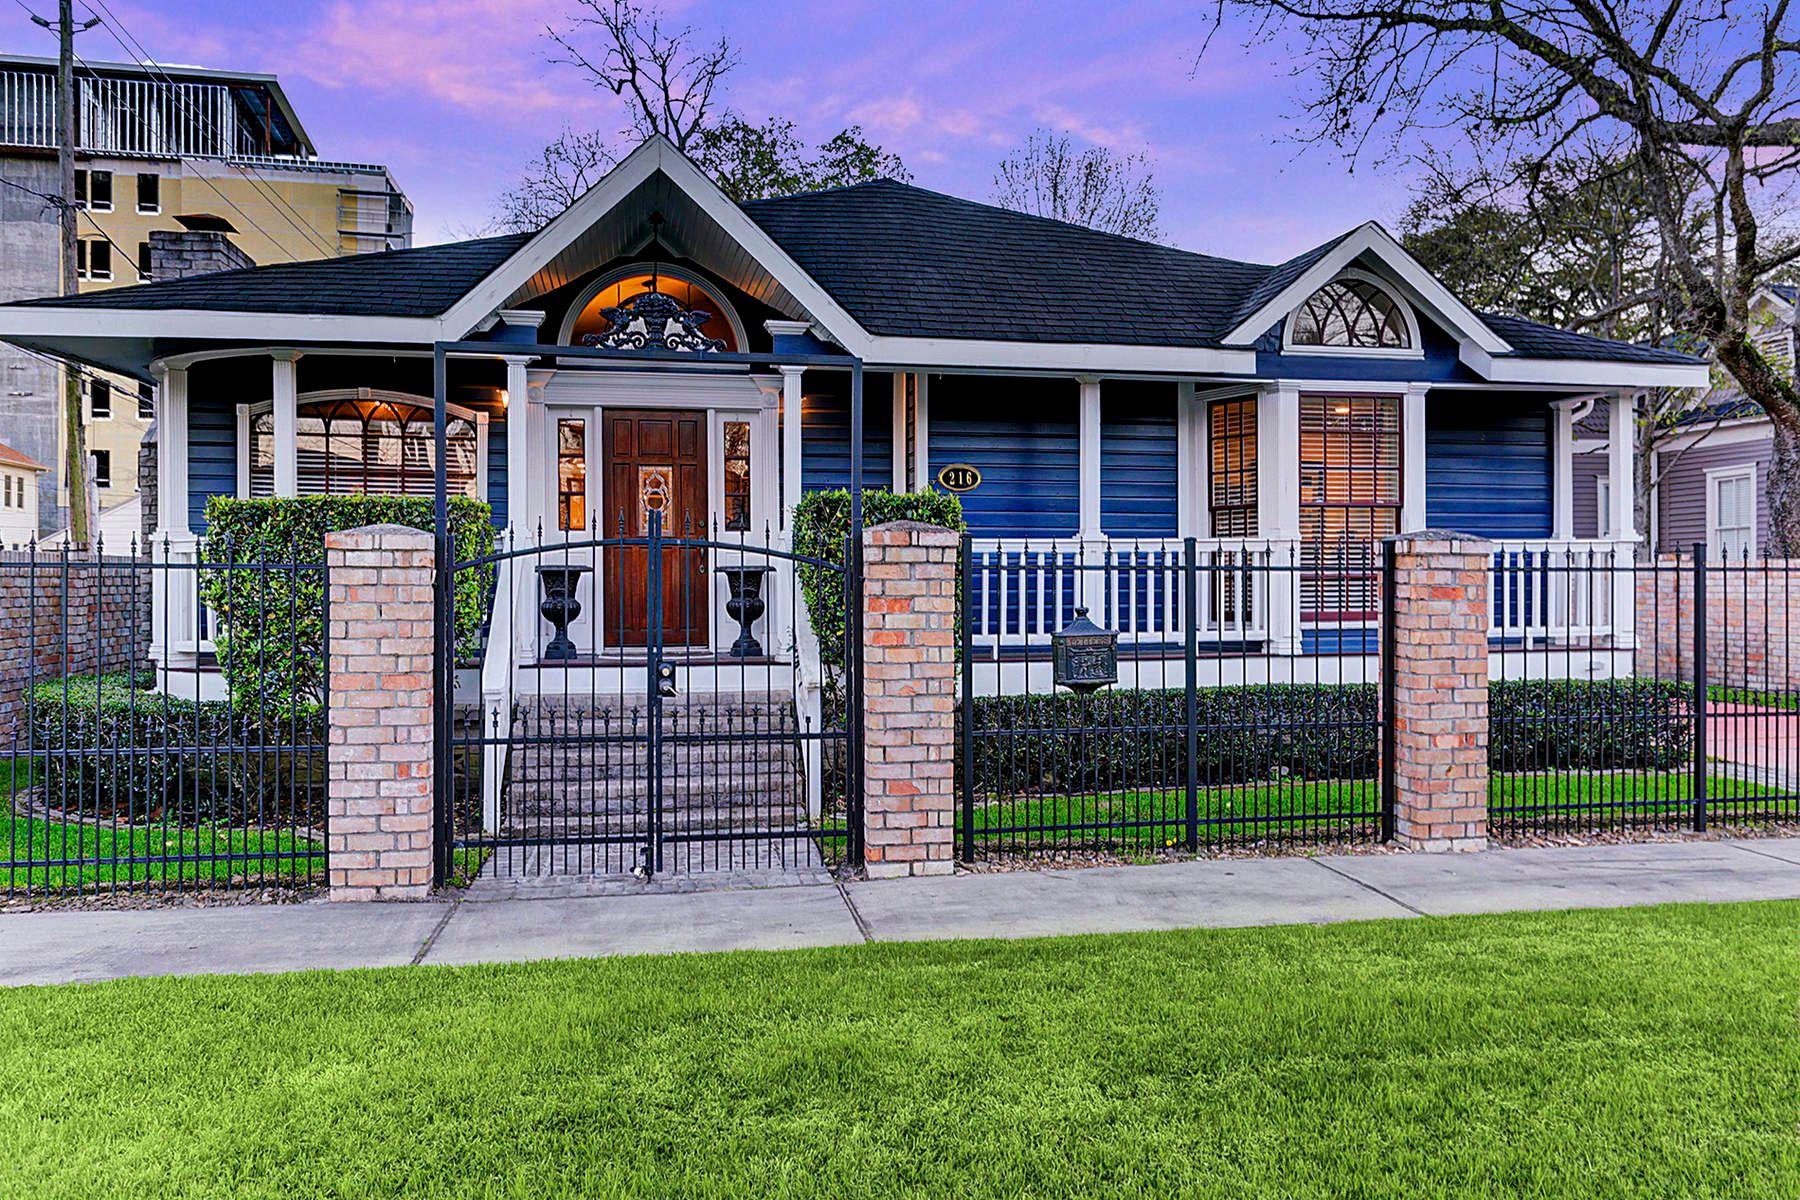 Частный односемейный дом для того Продажа на 216 West 9th Street Houston, Техас, 77007 Соединенные Штаты